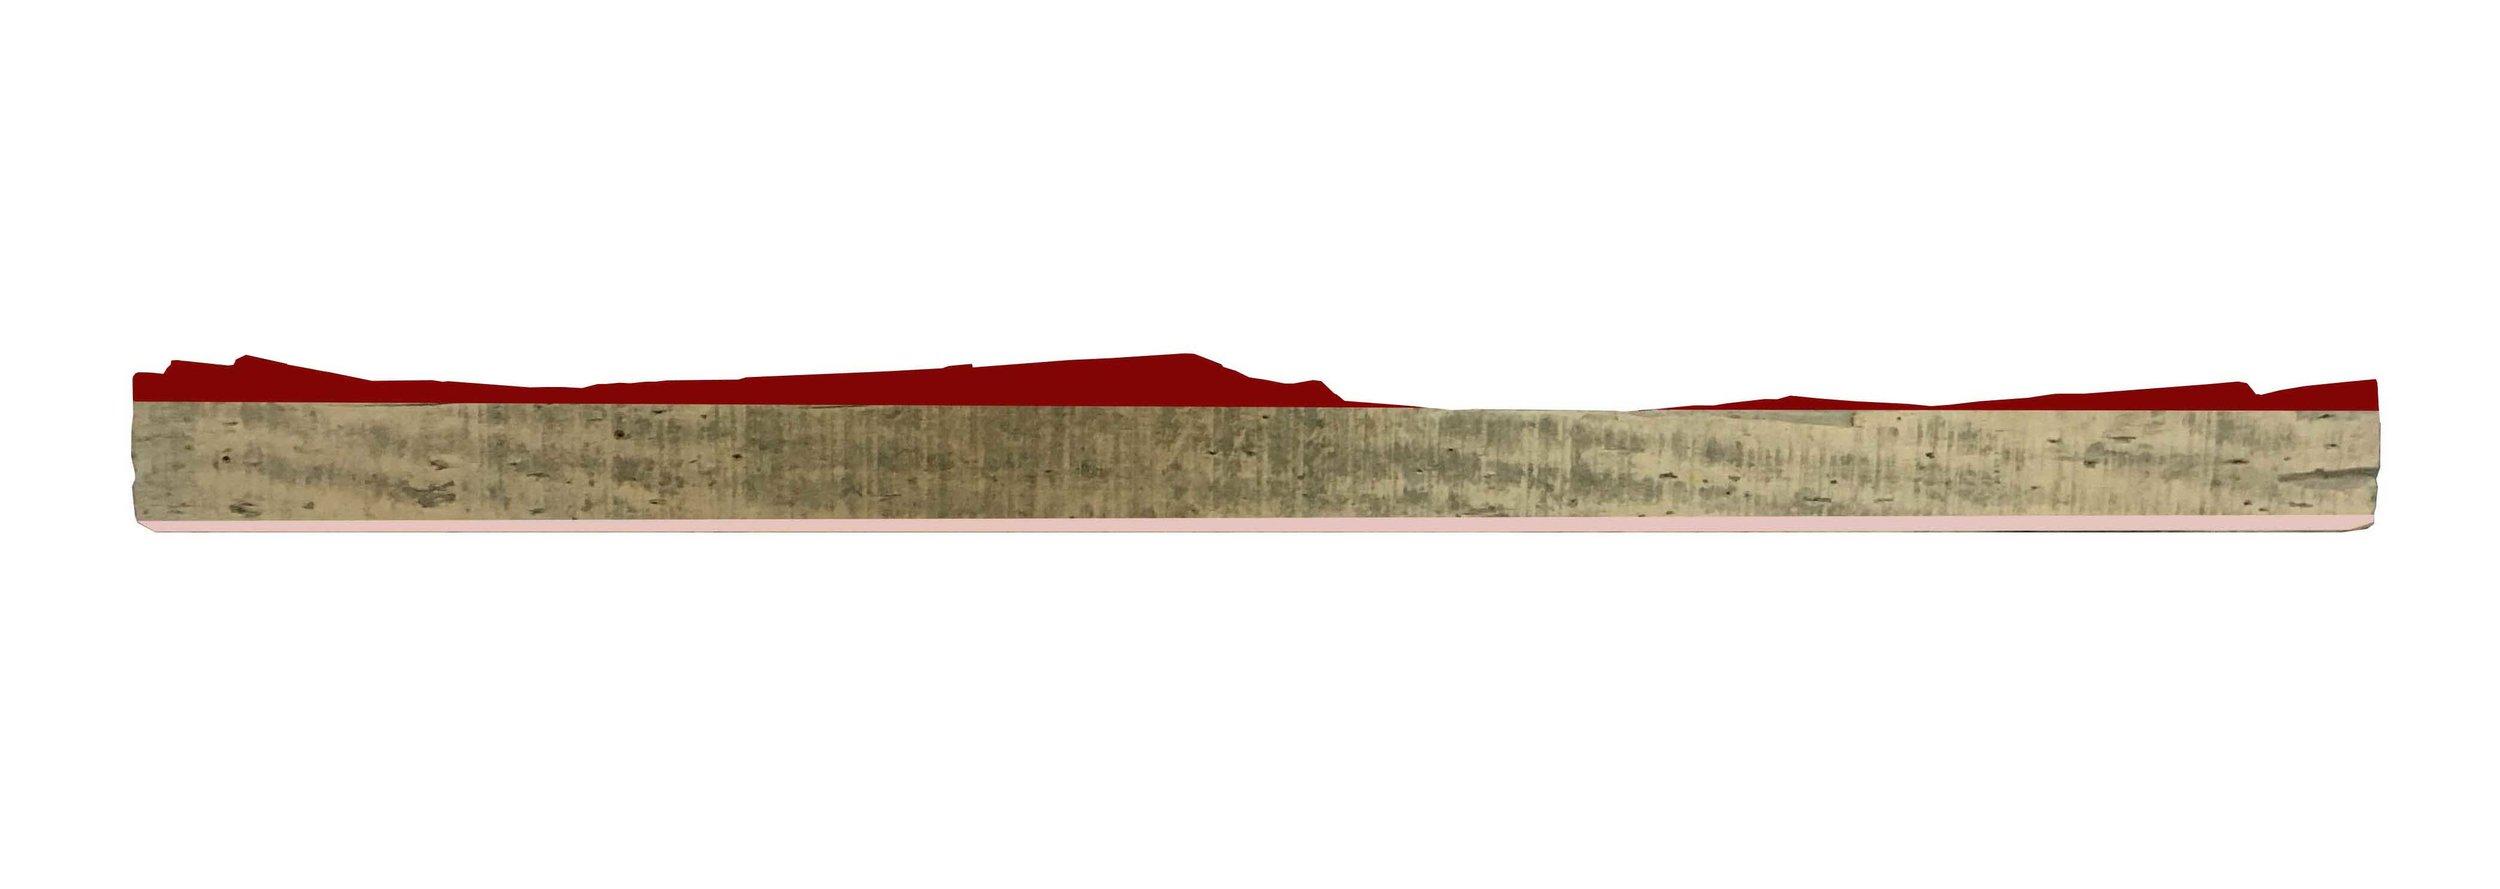 #500, 196 x 16 cms